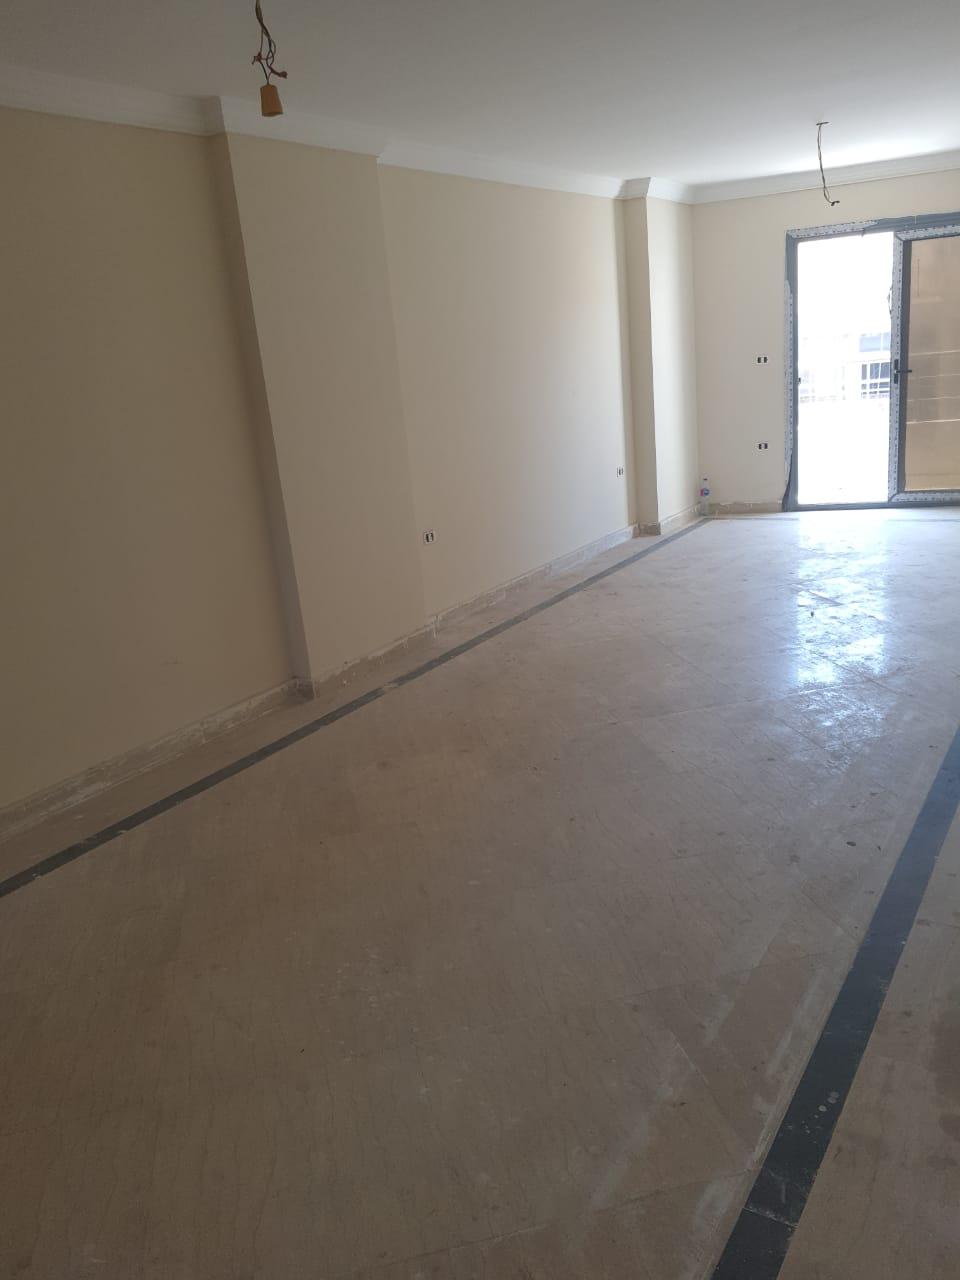 شقة للبيع (130م) في سابا باشا بمطلات بحرية و تسهيلات في السداد